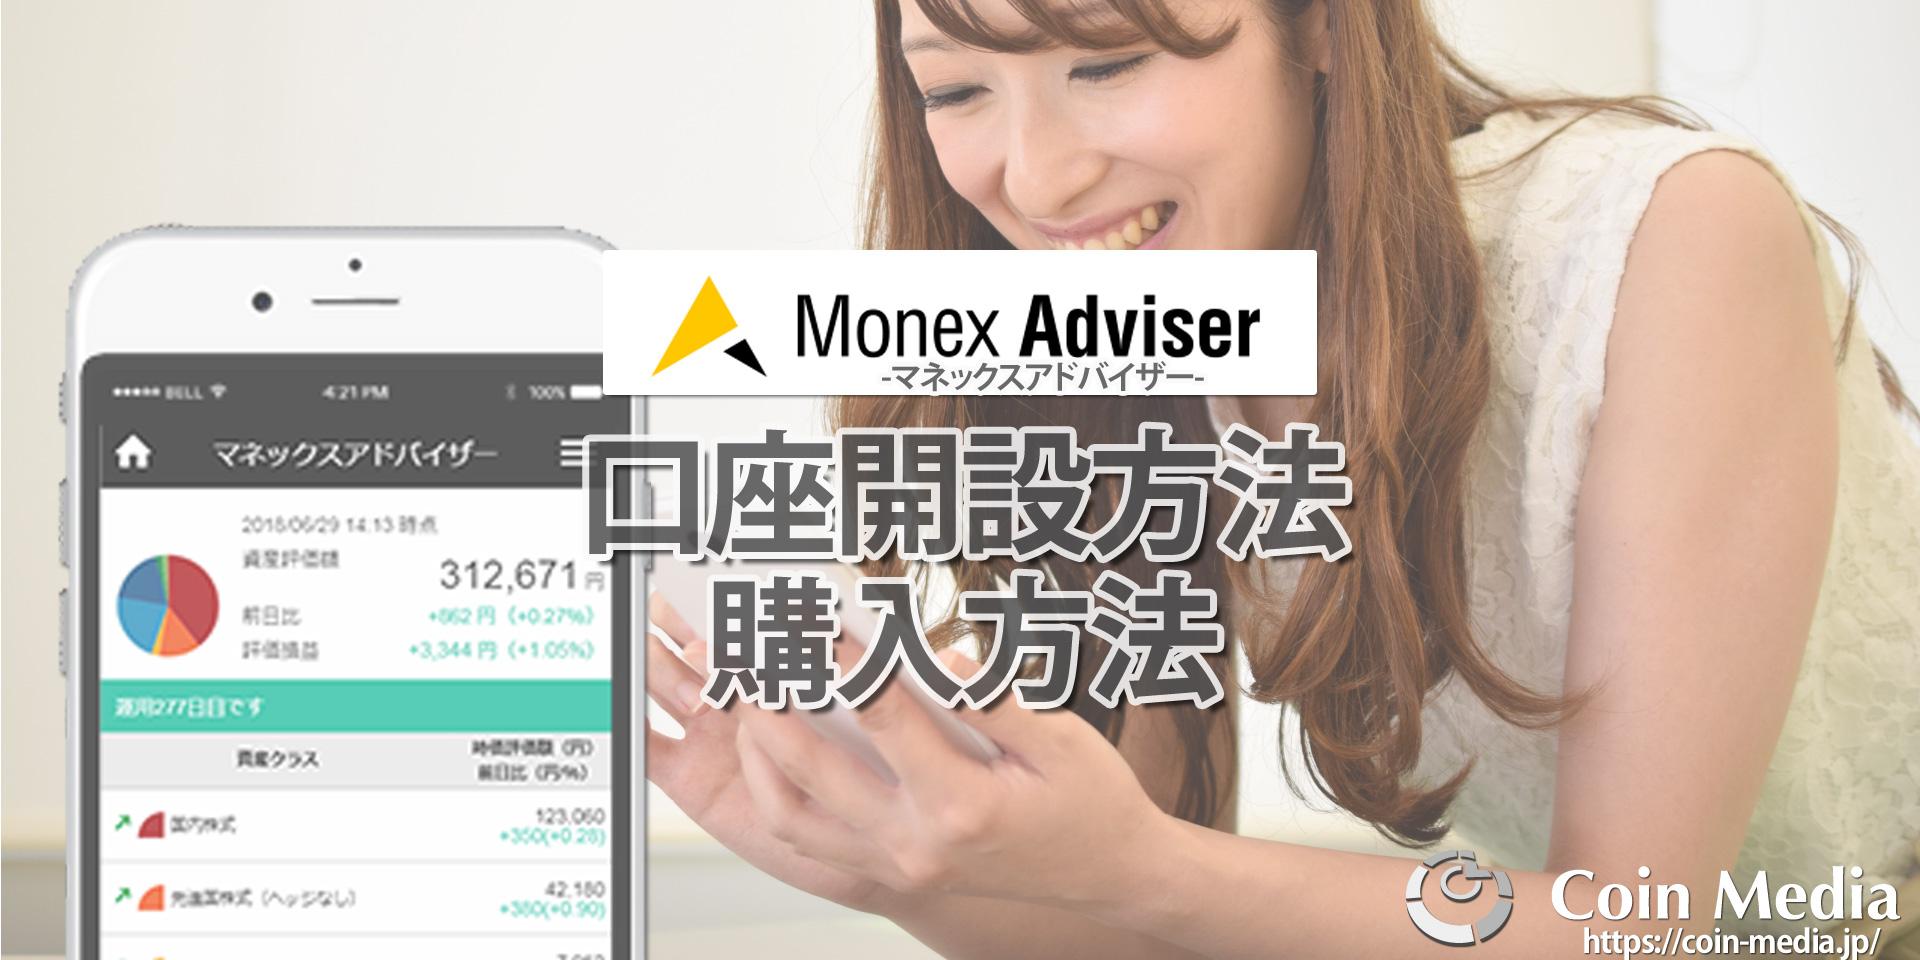 マネックスアドバイザー口座開設方法購入方法